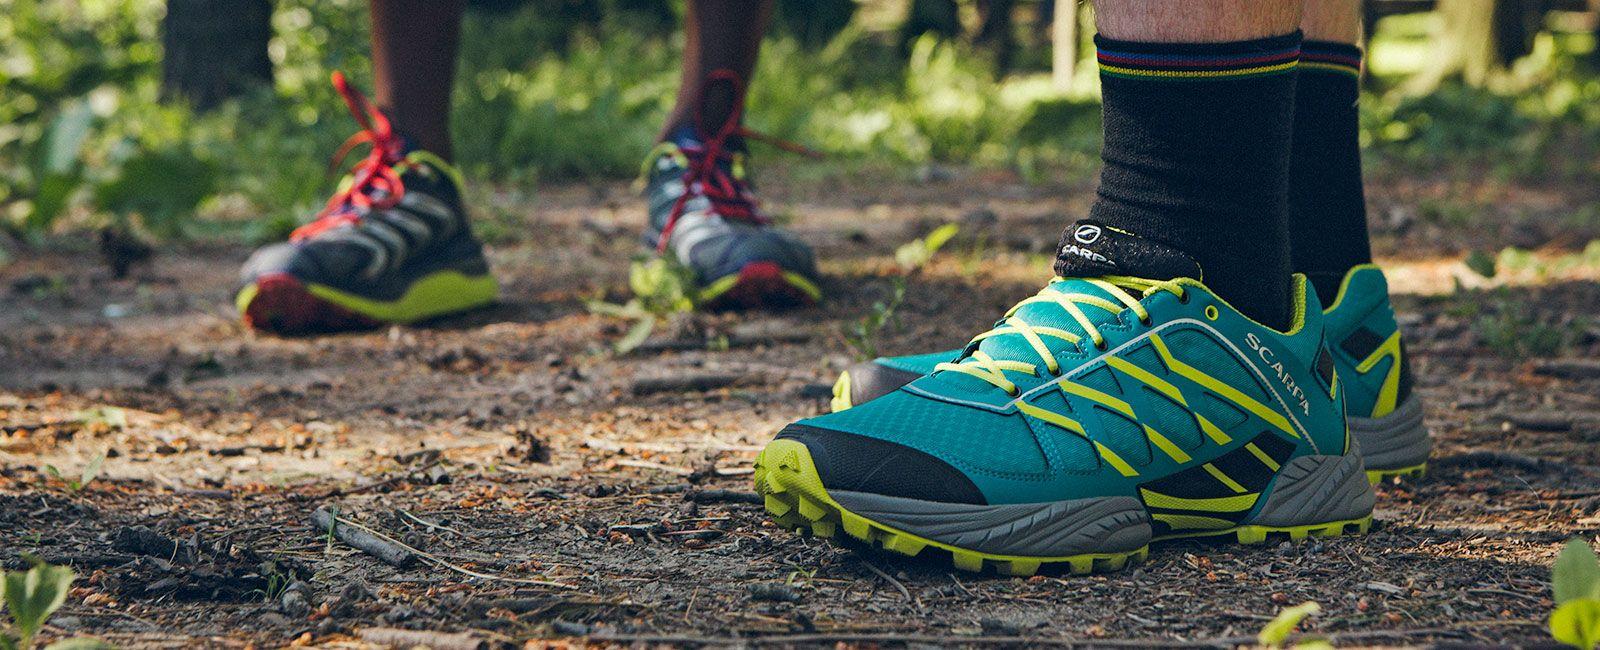 running-shoes-16-gear-patrol-trail-2-full-cinema-lead